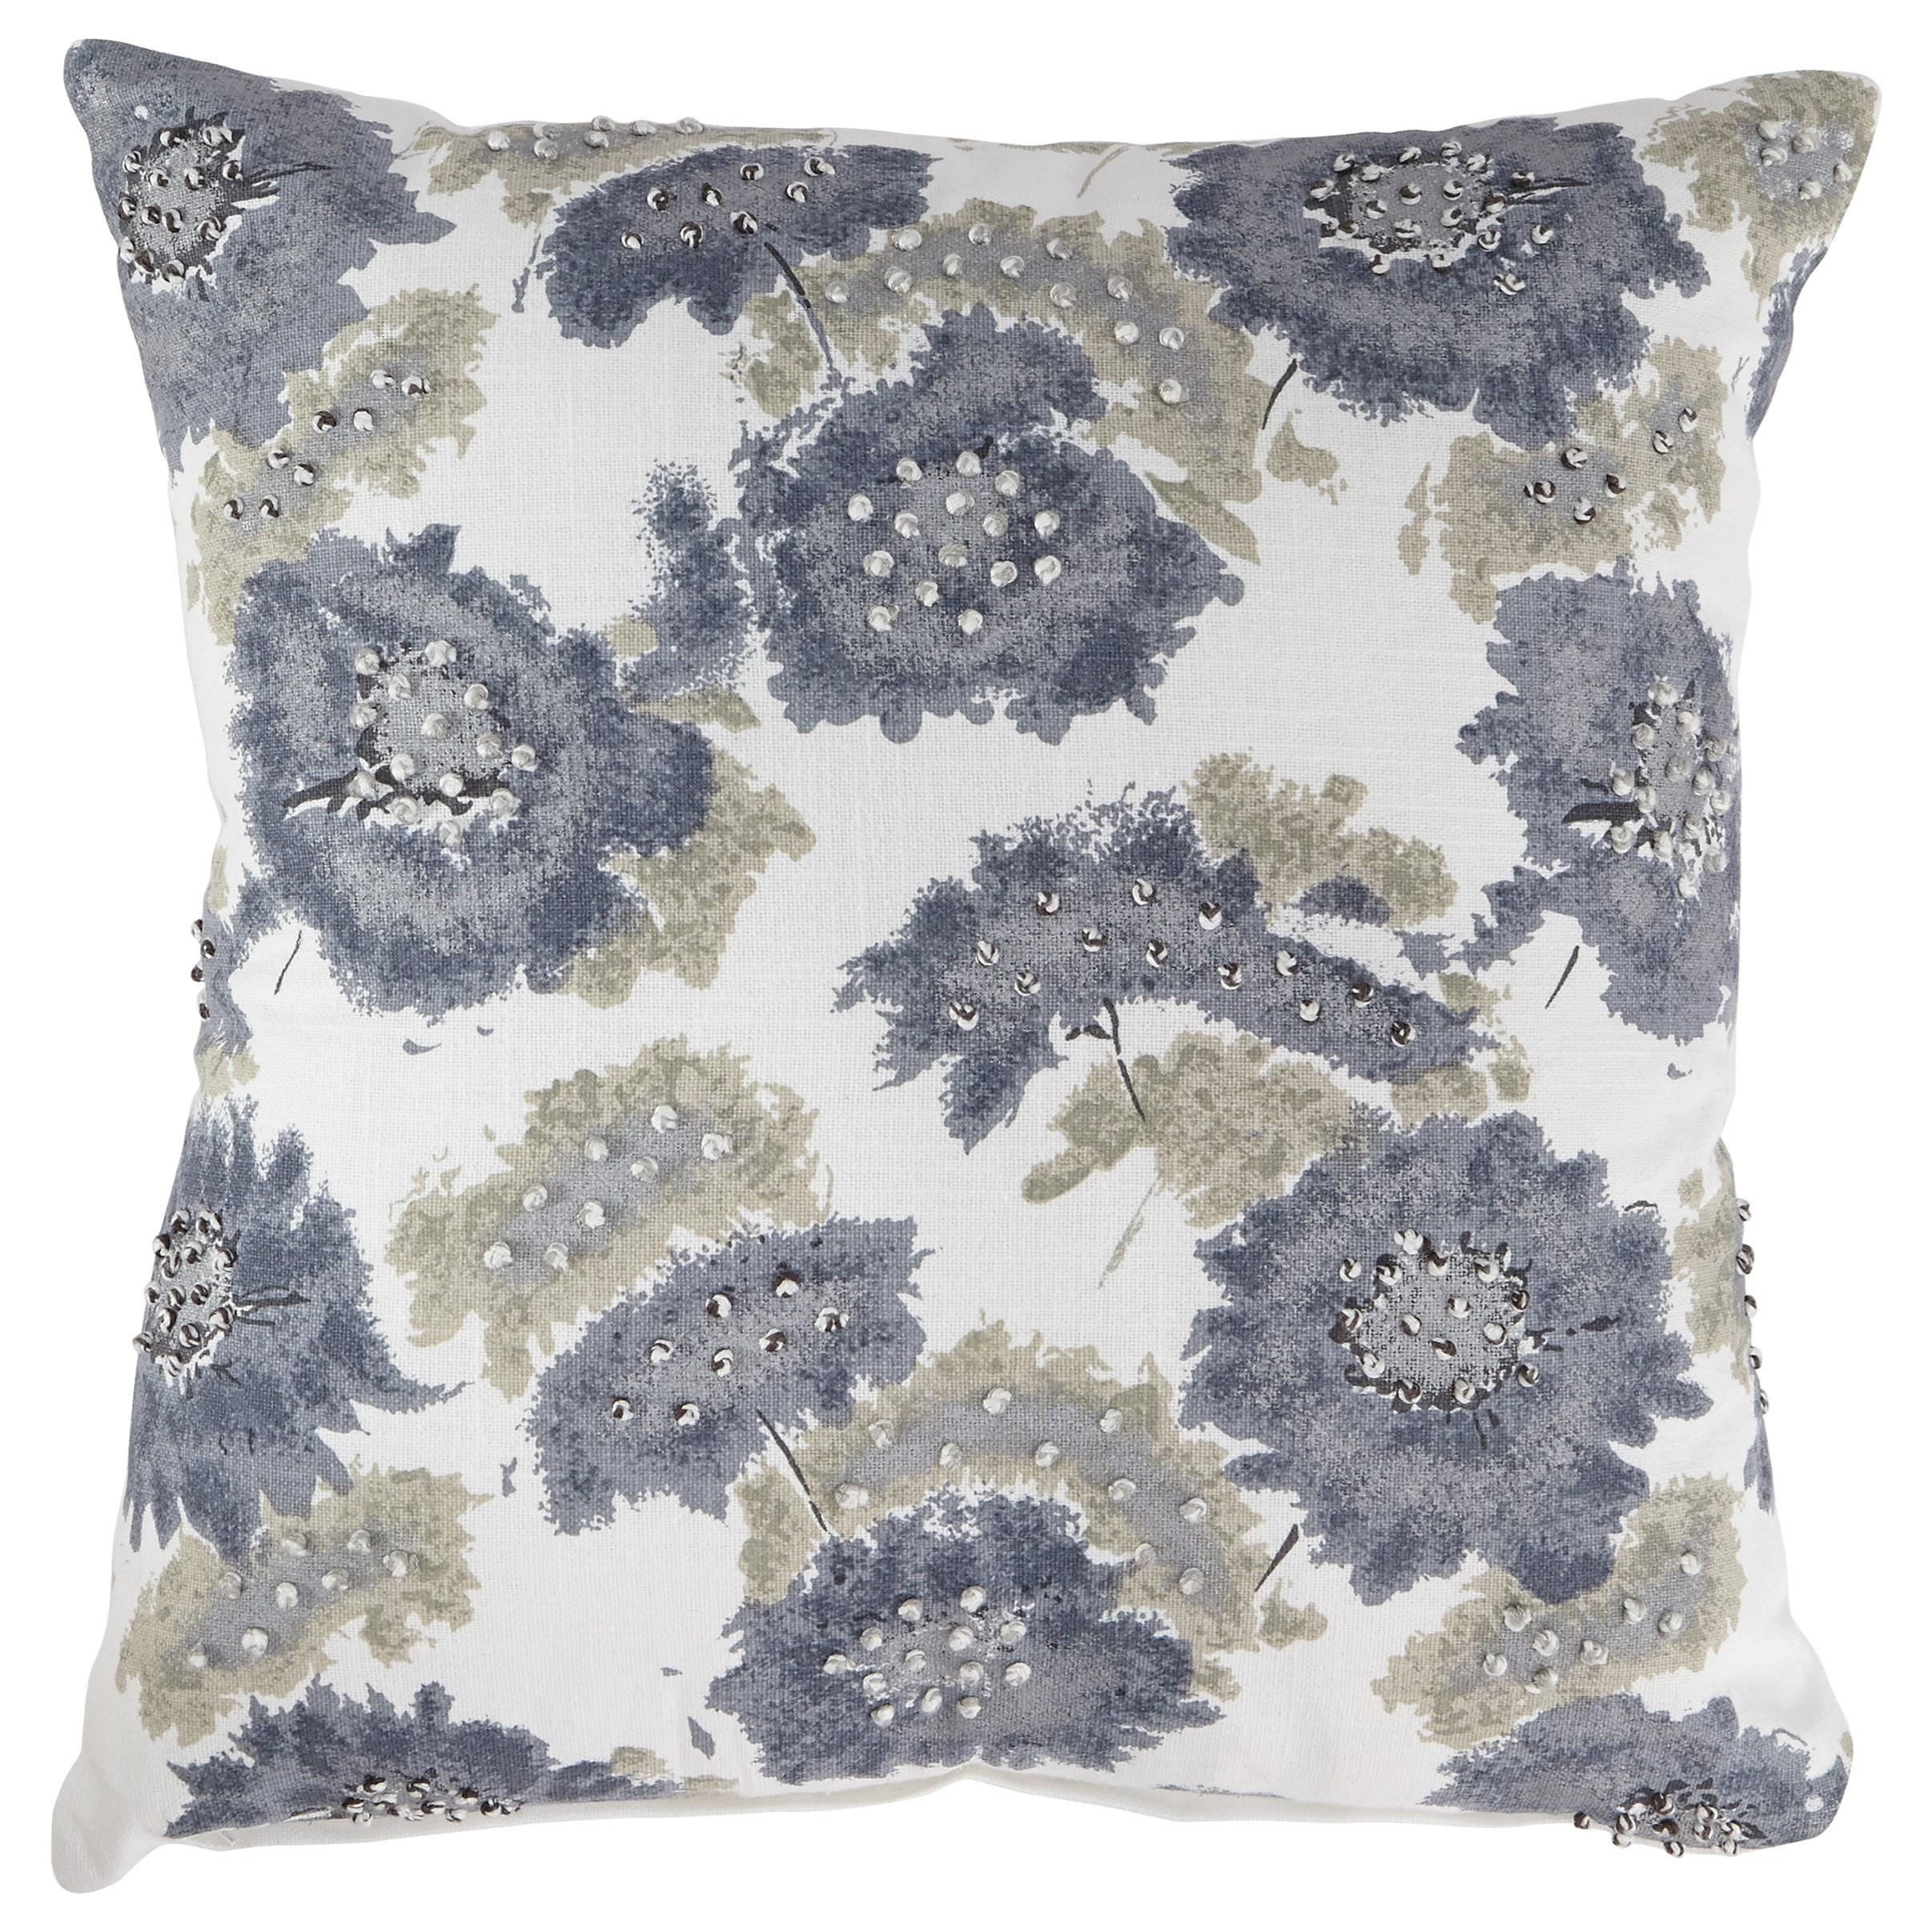 Glisan Multi Pillow